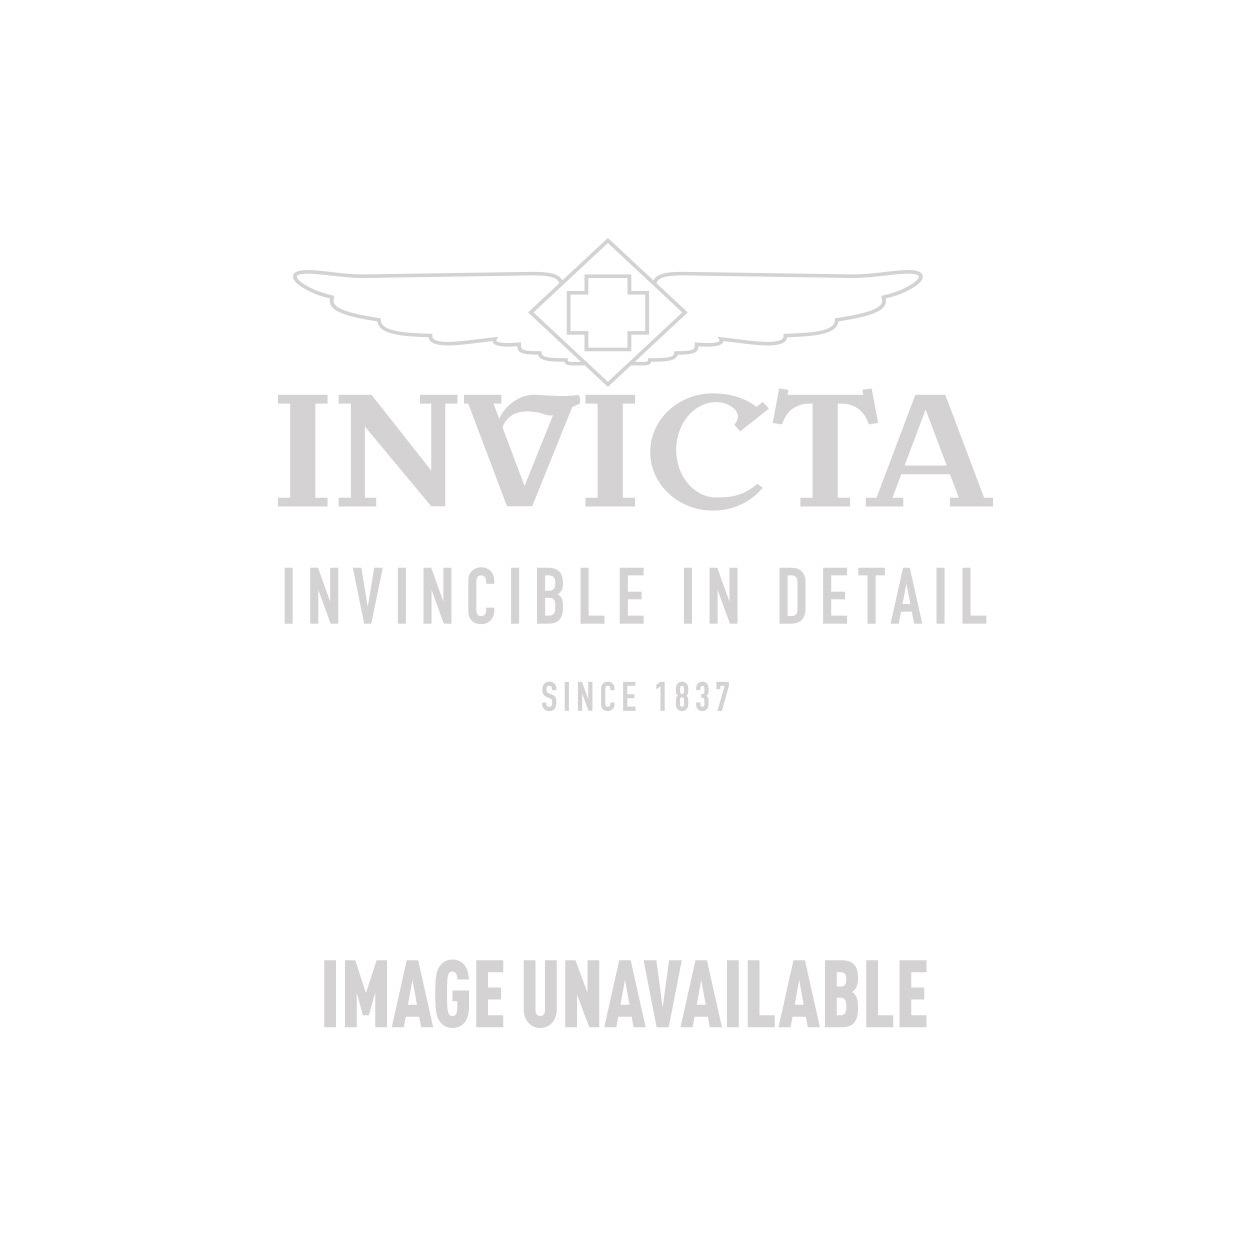 Invicta Model 28332